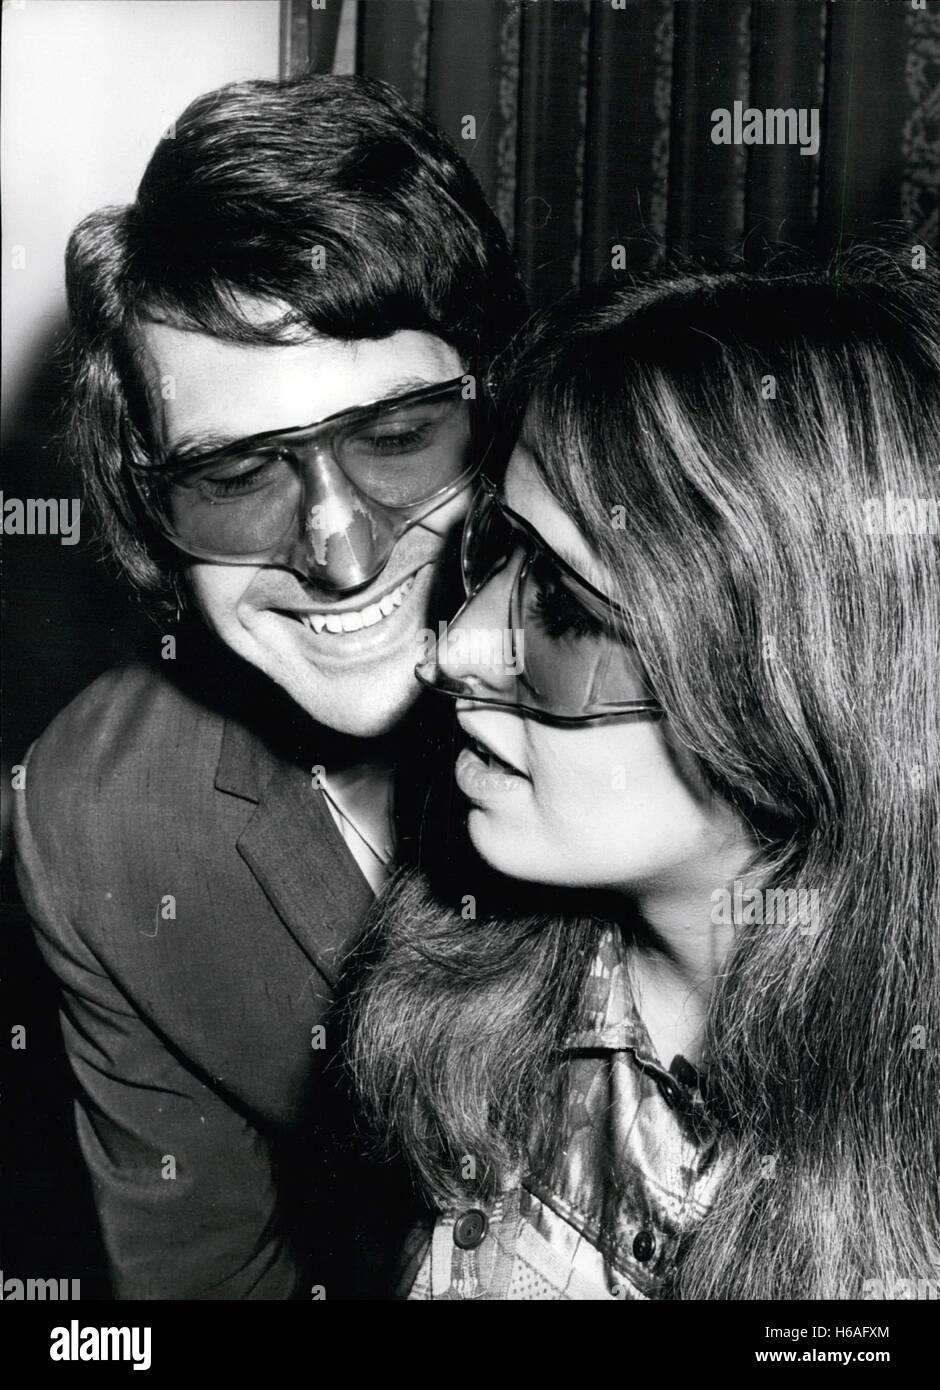 Oakley Sunglasses Imágenes De Stock   Oakley Sunglasses Fotos De ... cac079221b314